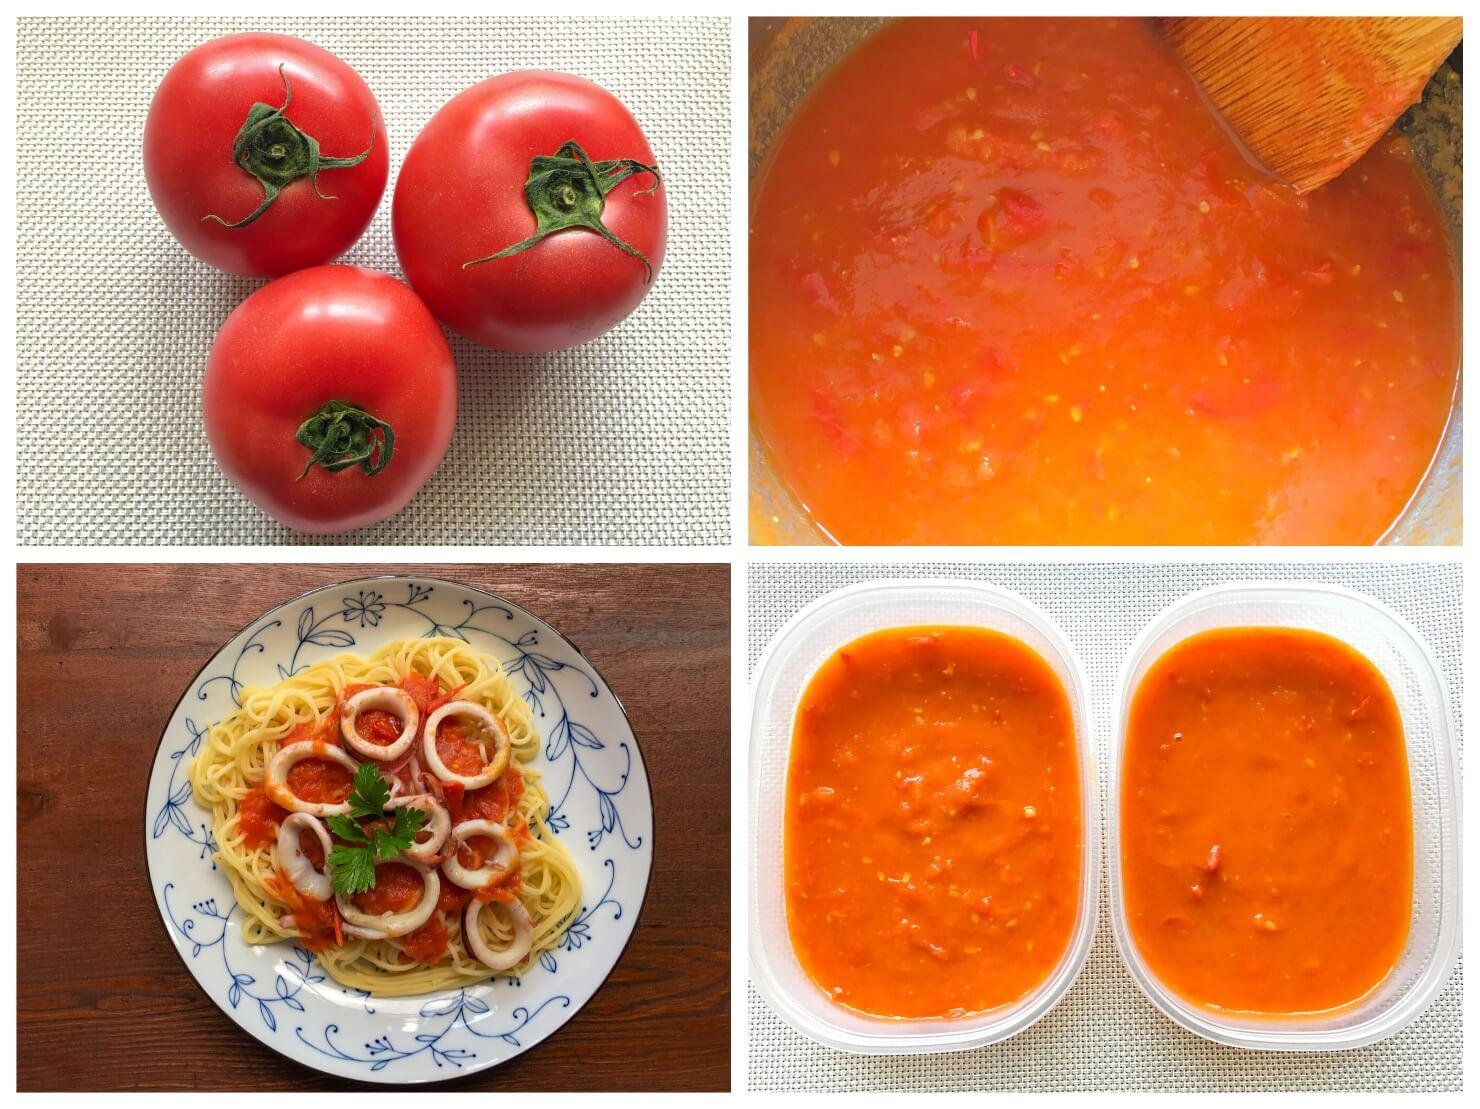 フレッシュトマトのトマトソースやパスタの写真